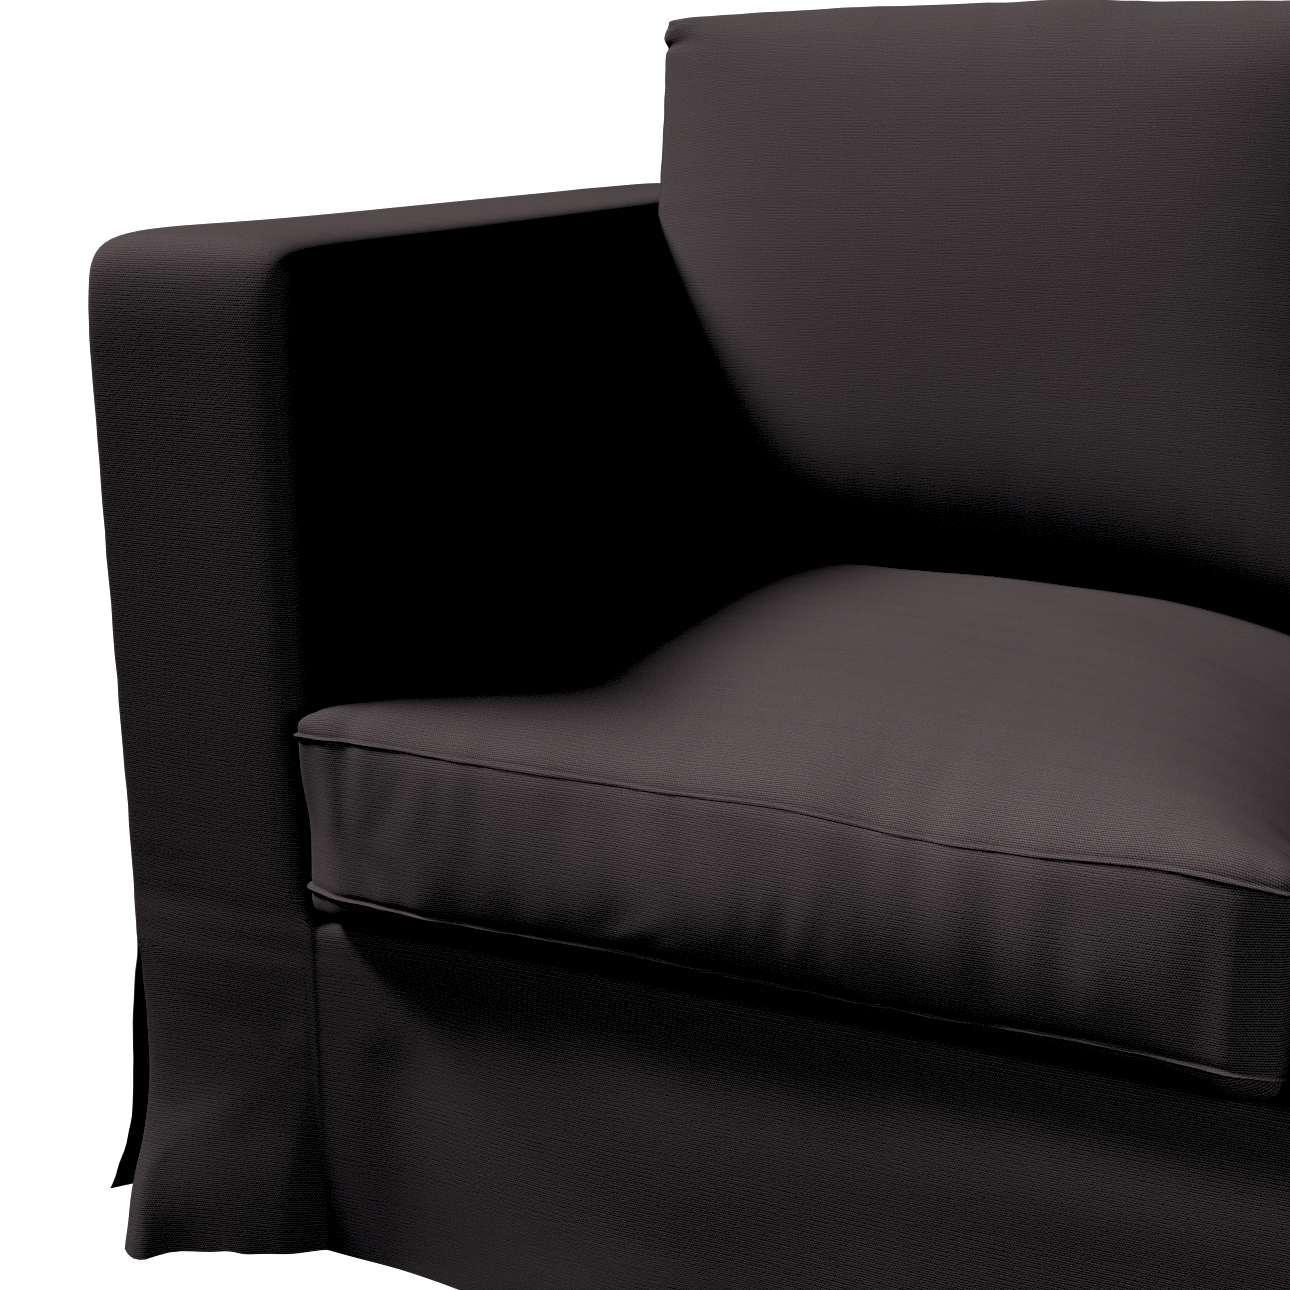 Bezug für Karlanda 3-Sitzer Sofa nicht ausklappbar, lang von der Kollektion Cotton Panama, Stoff: 702-08